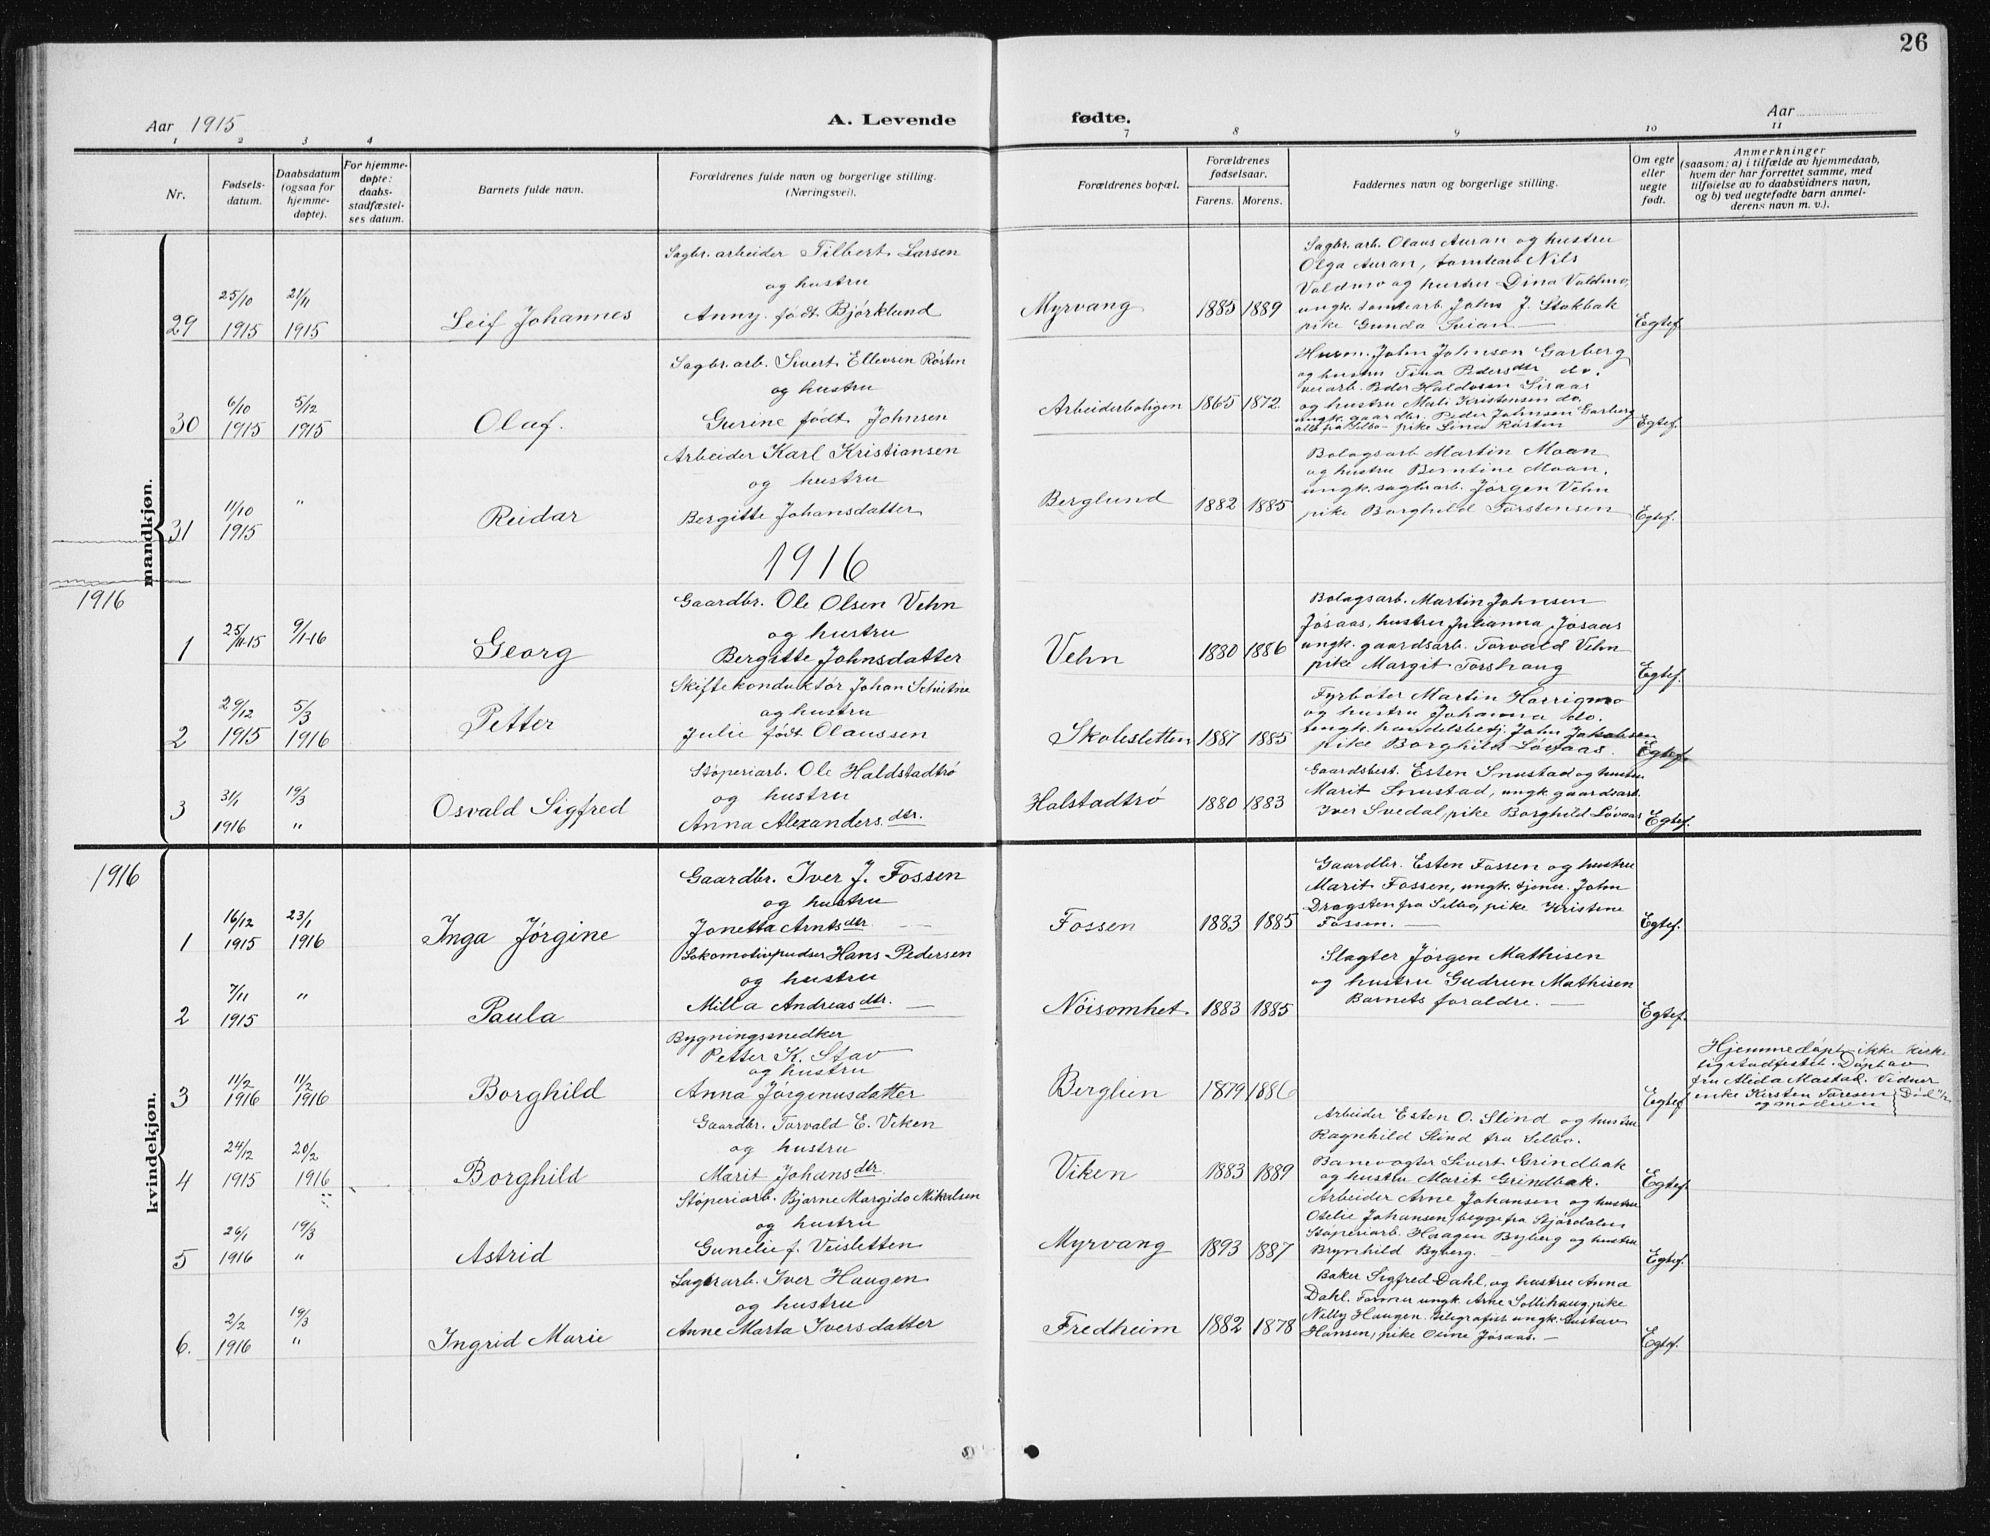 SAT, Ministerialprotokoller, klokkerbøker og fødselsregistre - Sør-Trøndelag, 617/L0431: Klokkerbok nr. 617C02, 1910-1936, s. 26